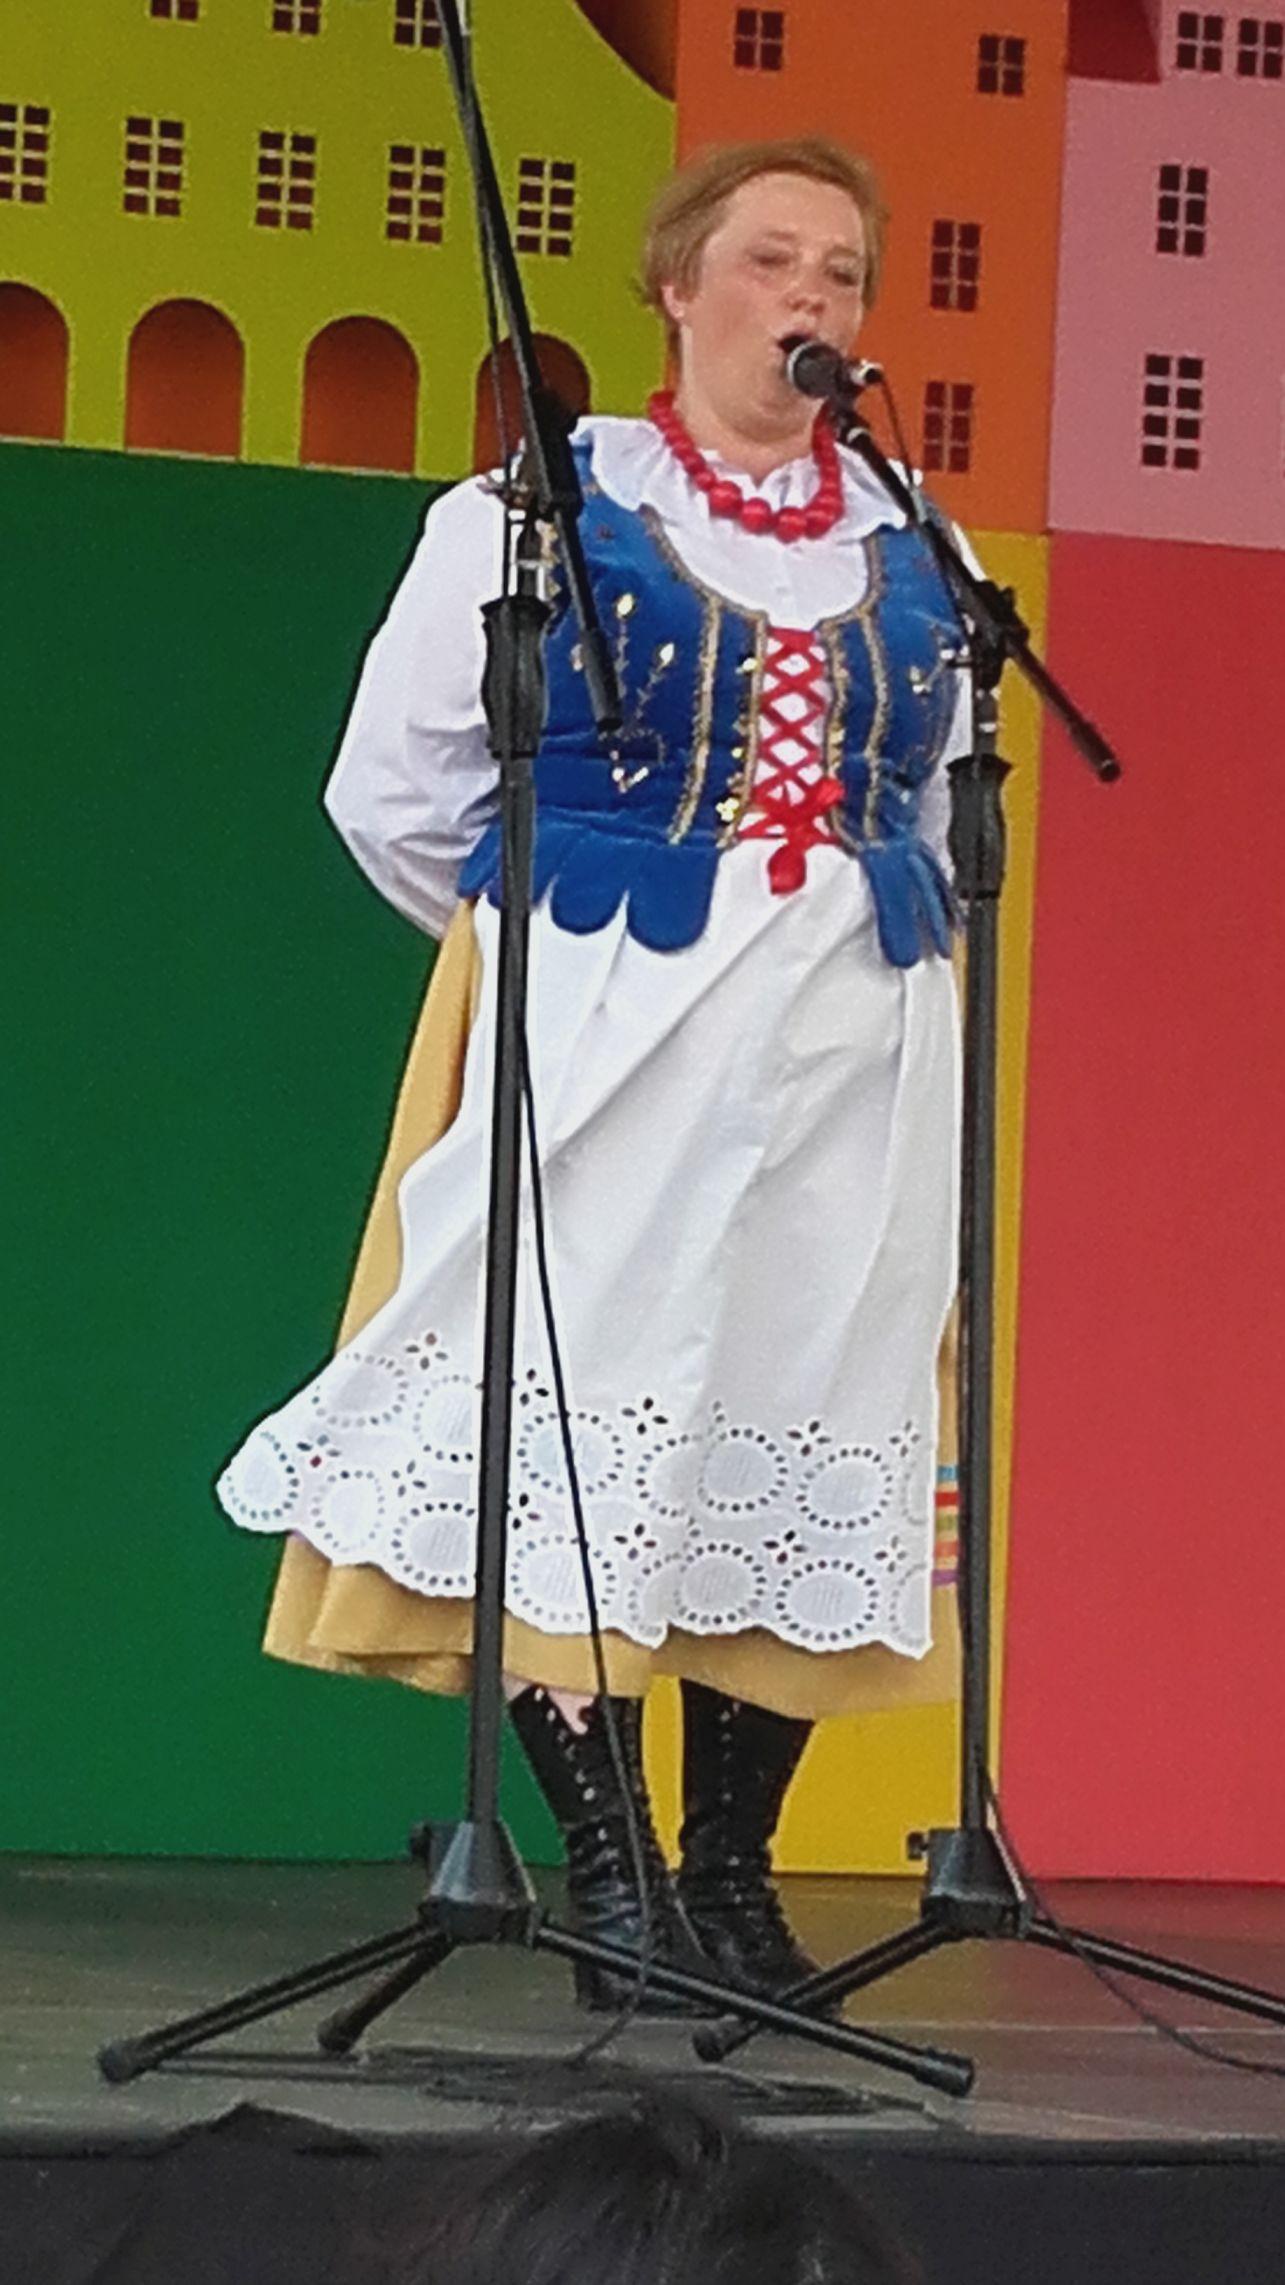 2016-06-25 Kazimierz Dolny - festiwal (7)